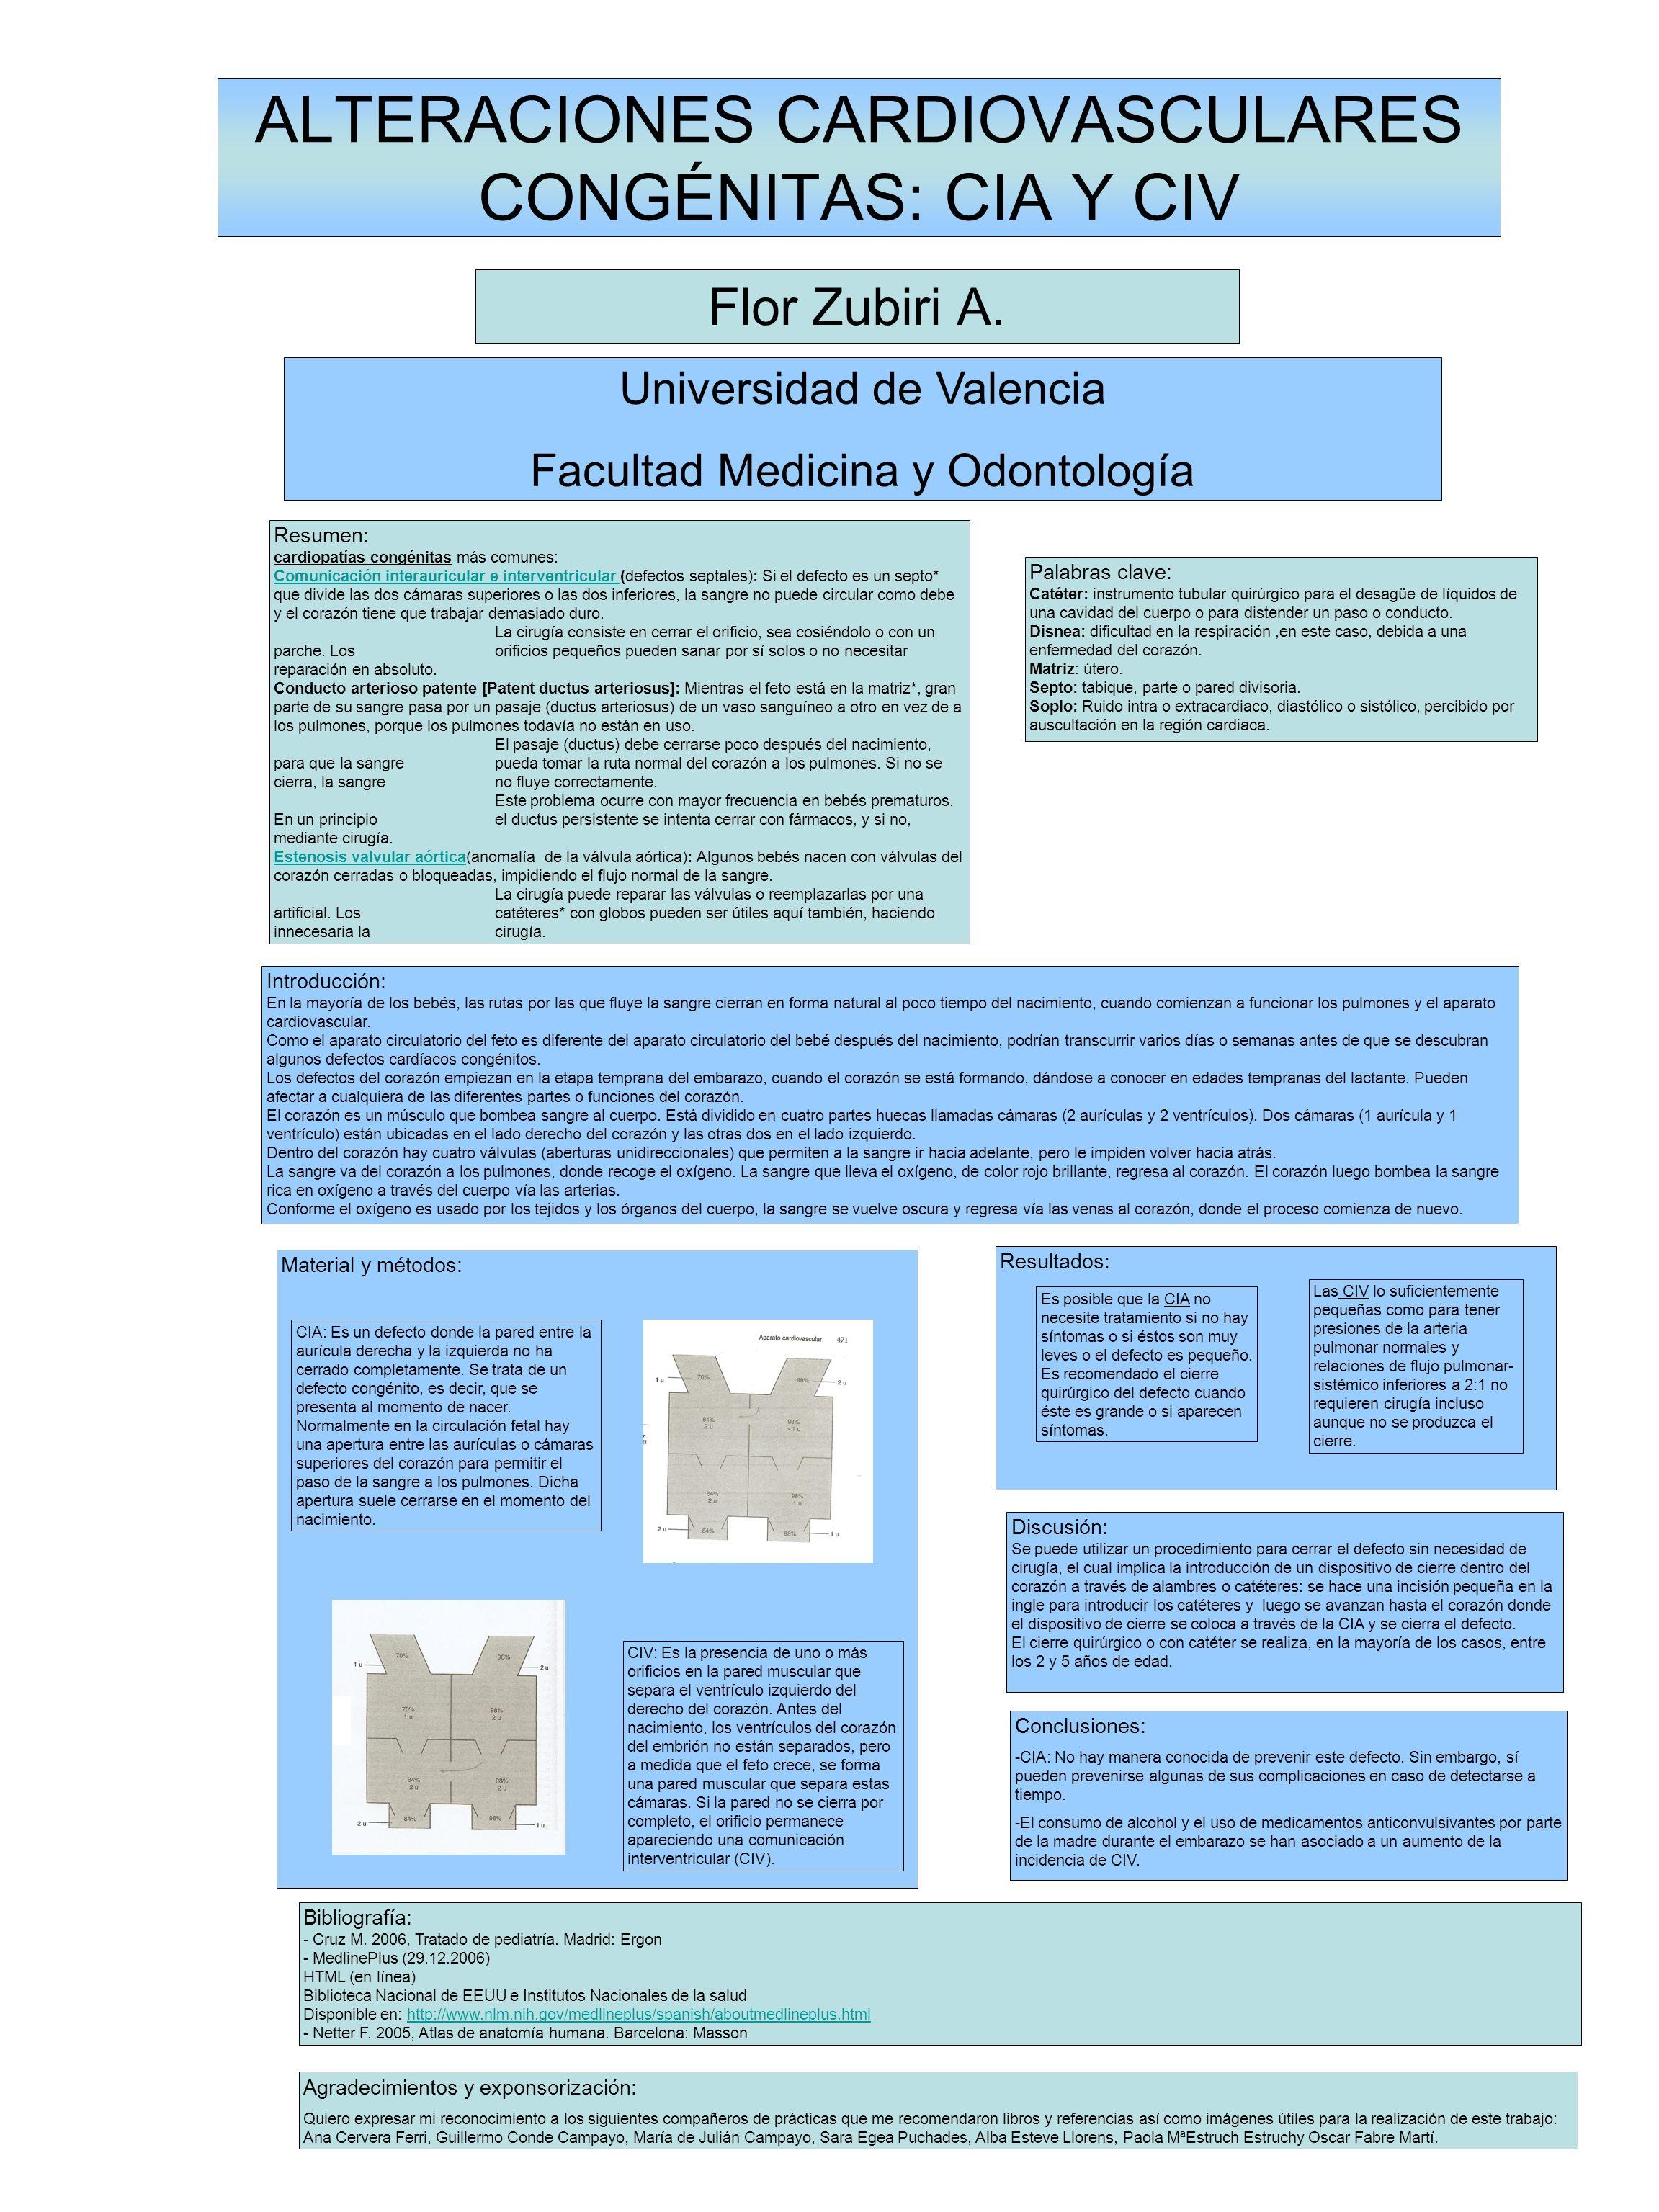 ALTERACIONES CARDIOVASCULARES CONGÉNITAS: CIA Y CIV Flor Zubiri A. Universidad de Valencia Facultad Medicina y Odontología Resumen: cardiopatías congé